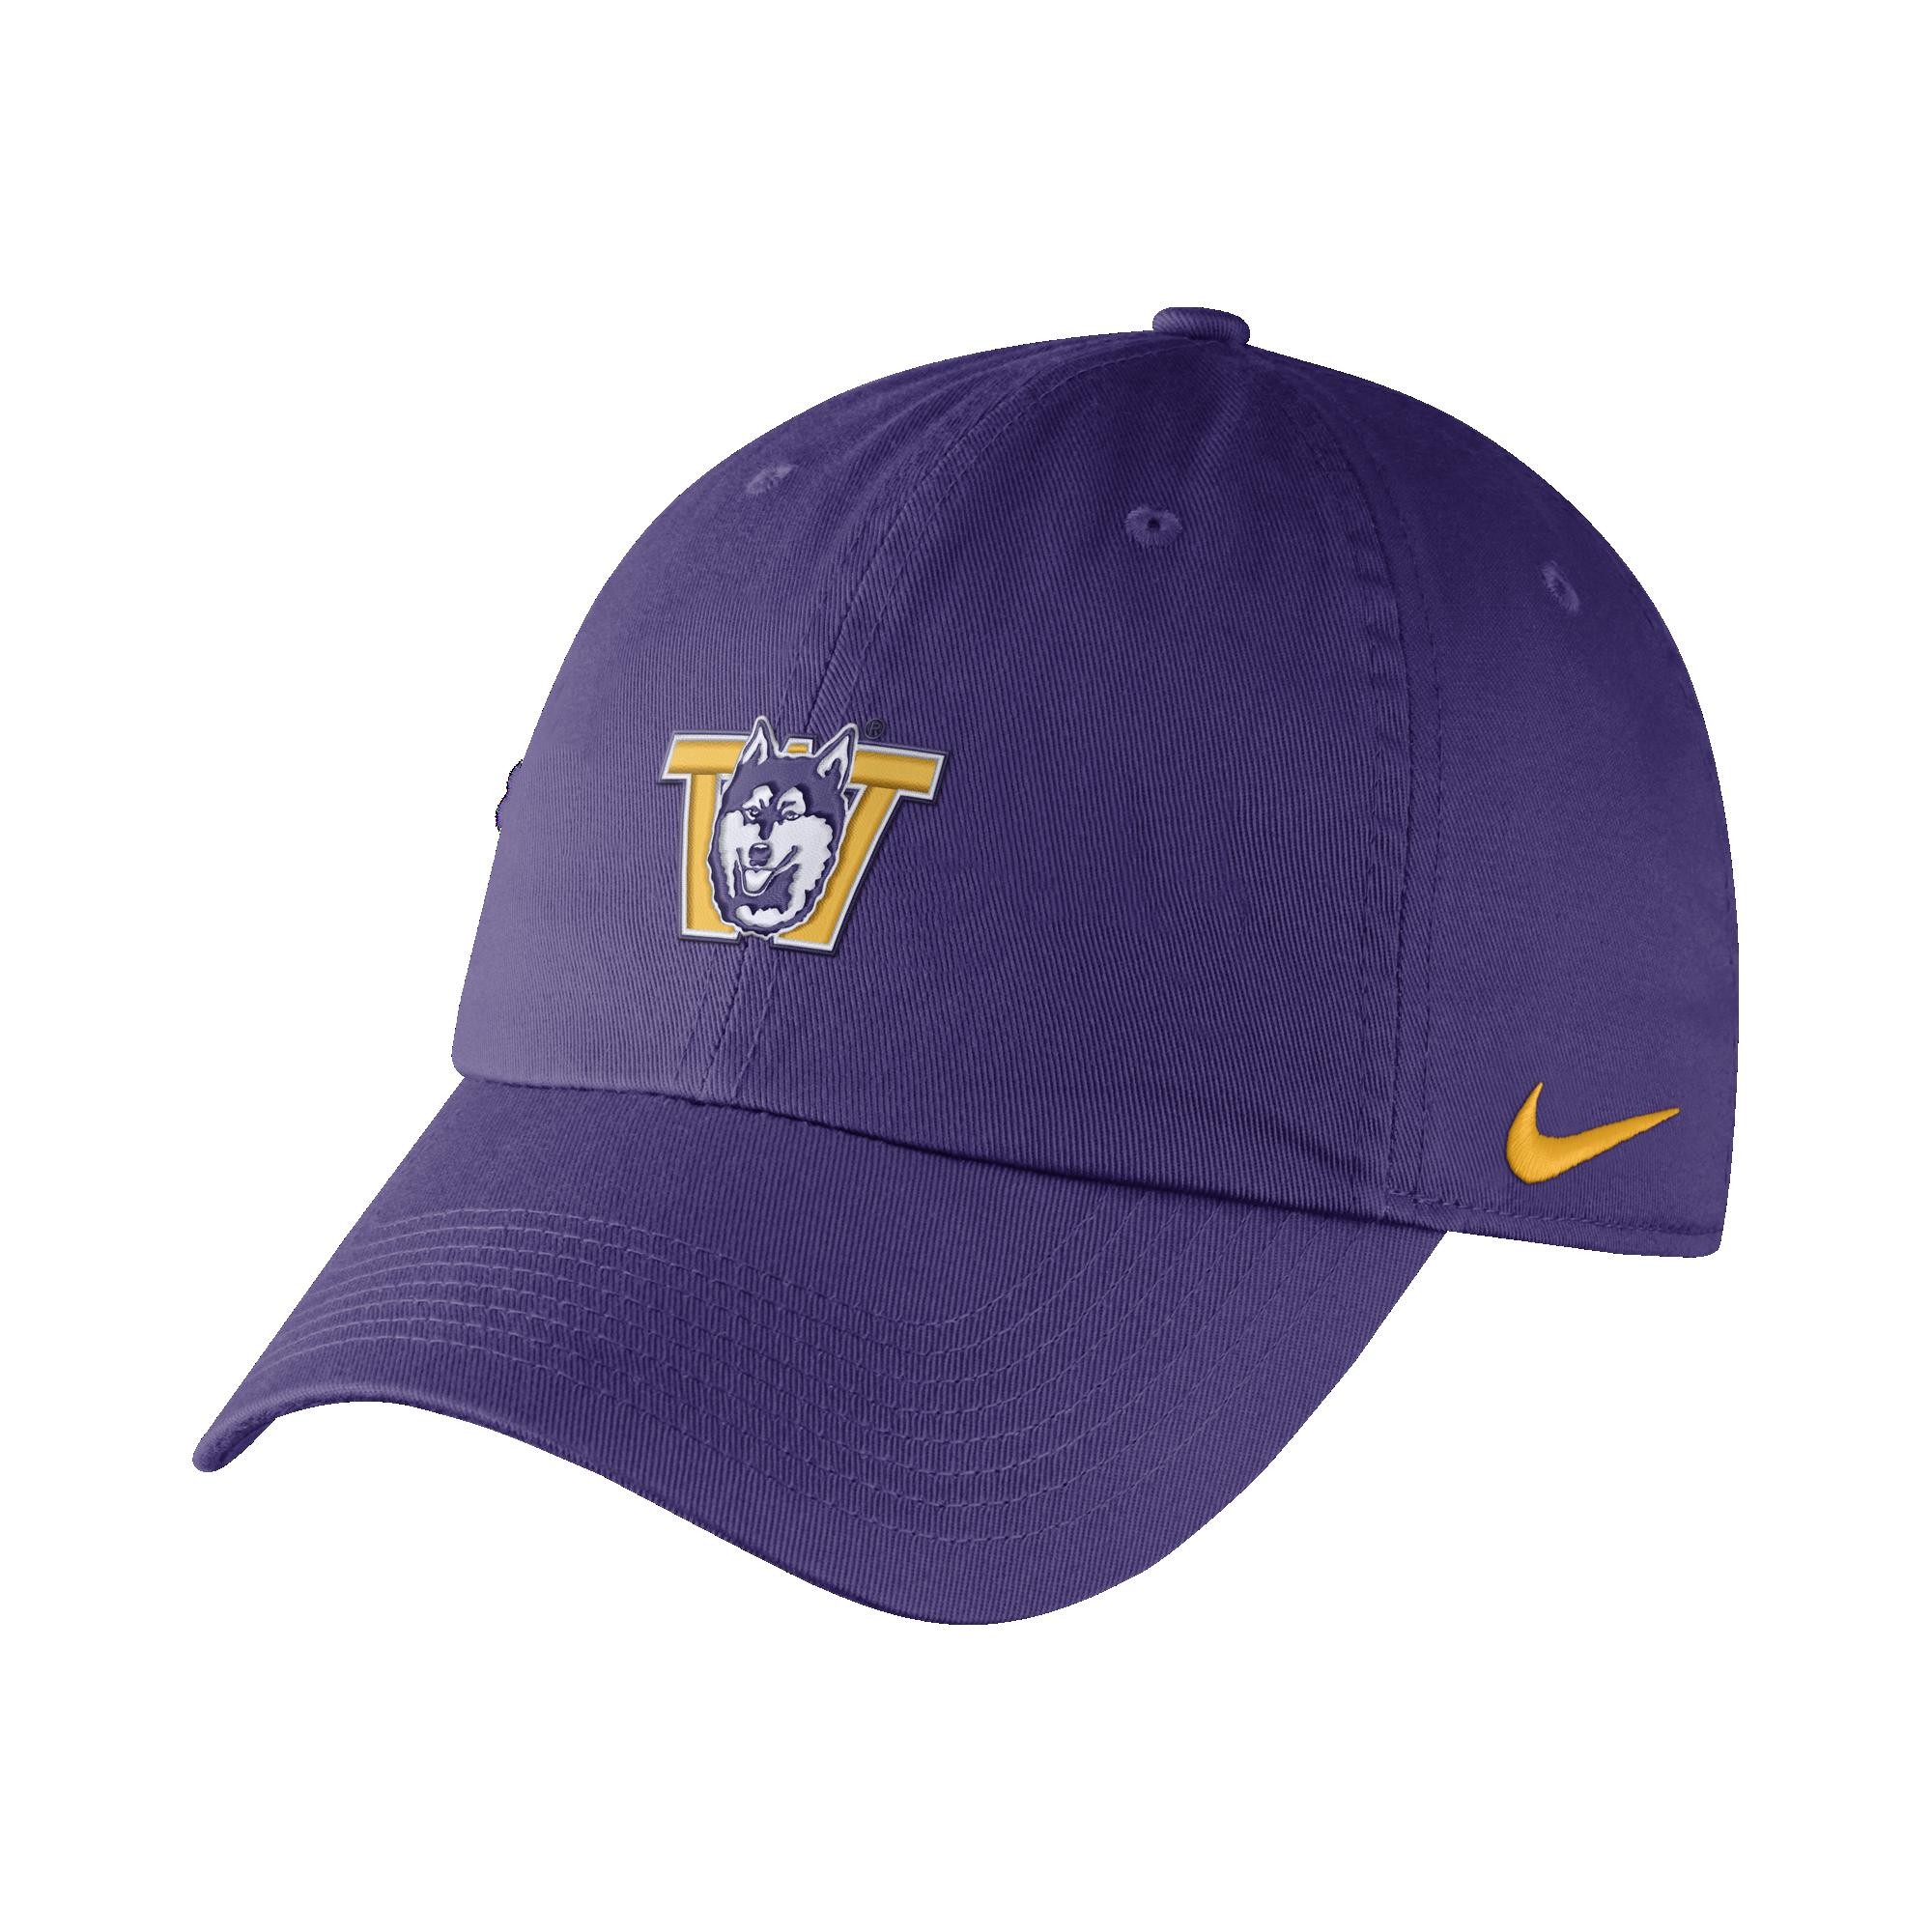 Nike Unisex Purple Vault Dog W Heritage86 Adjustable Hat 53343879e04